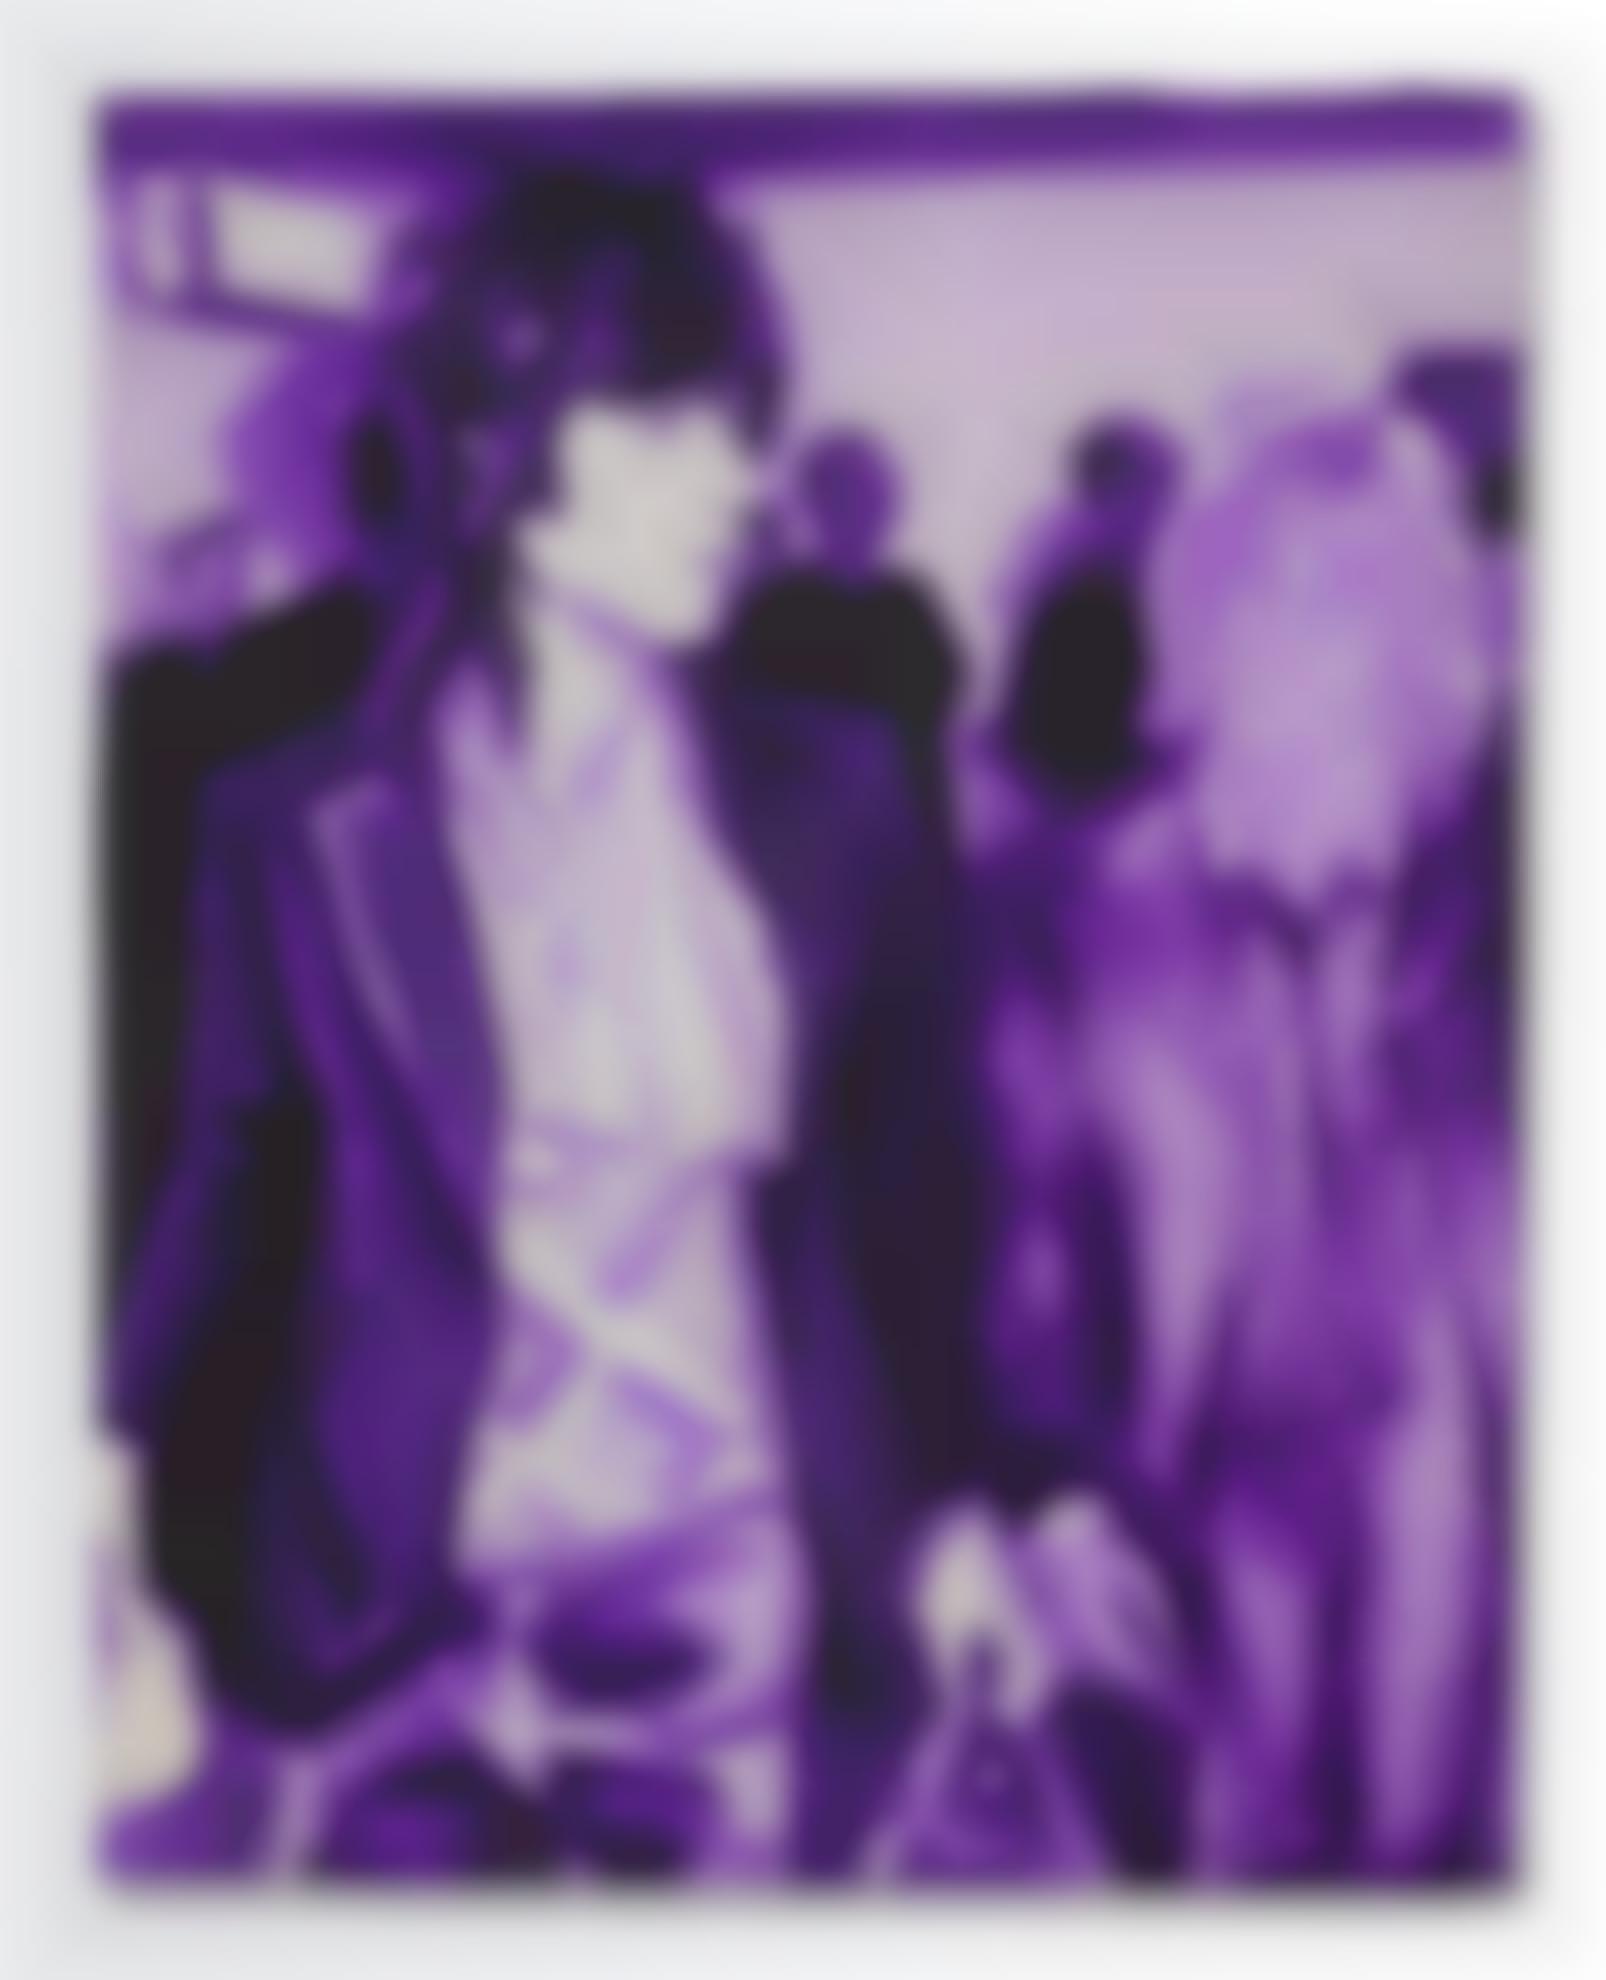 Elizabeth Peyton-Heathrow (Keith), Dec. 1969-2004